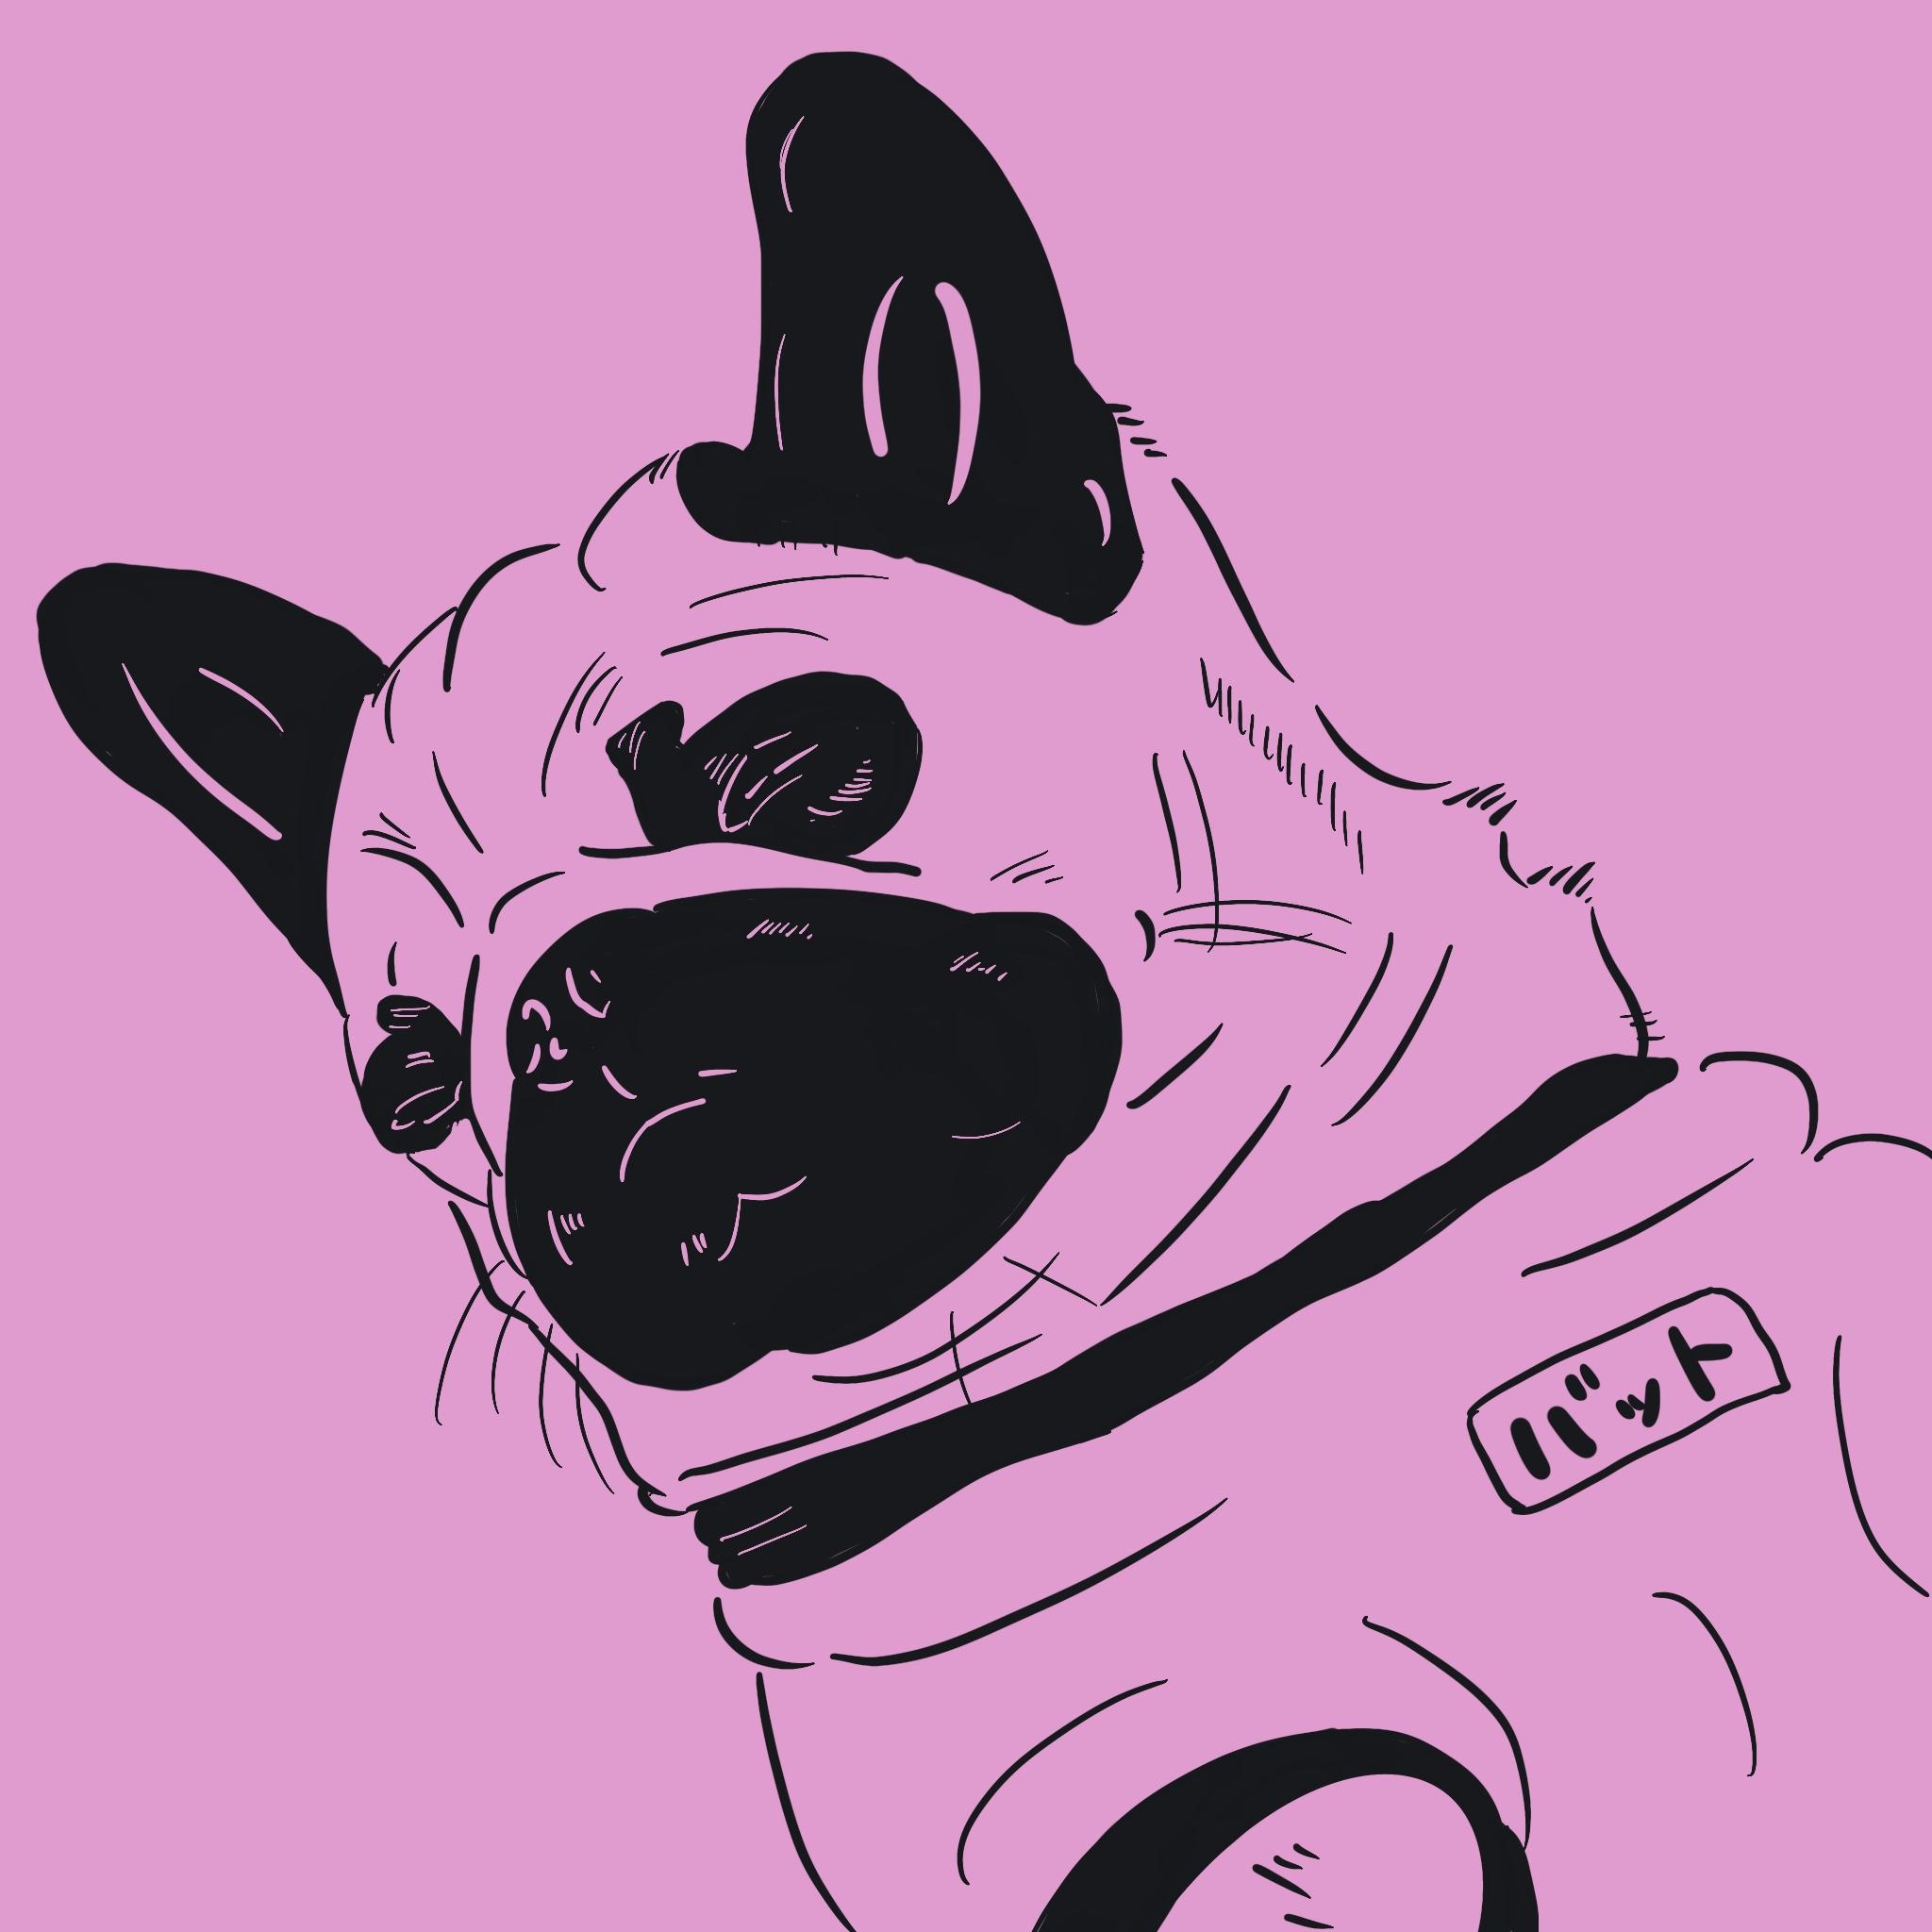 101匹ワンちゃんを描いてみて思ったこと Pug Peace